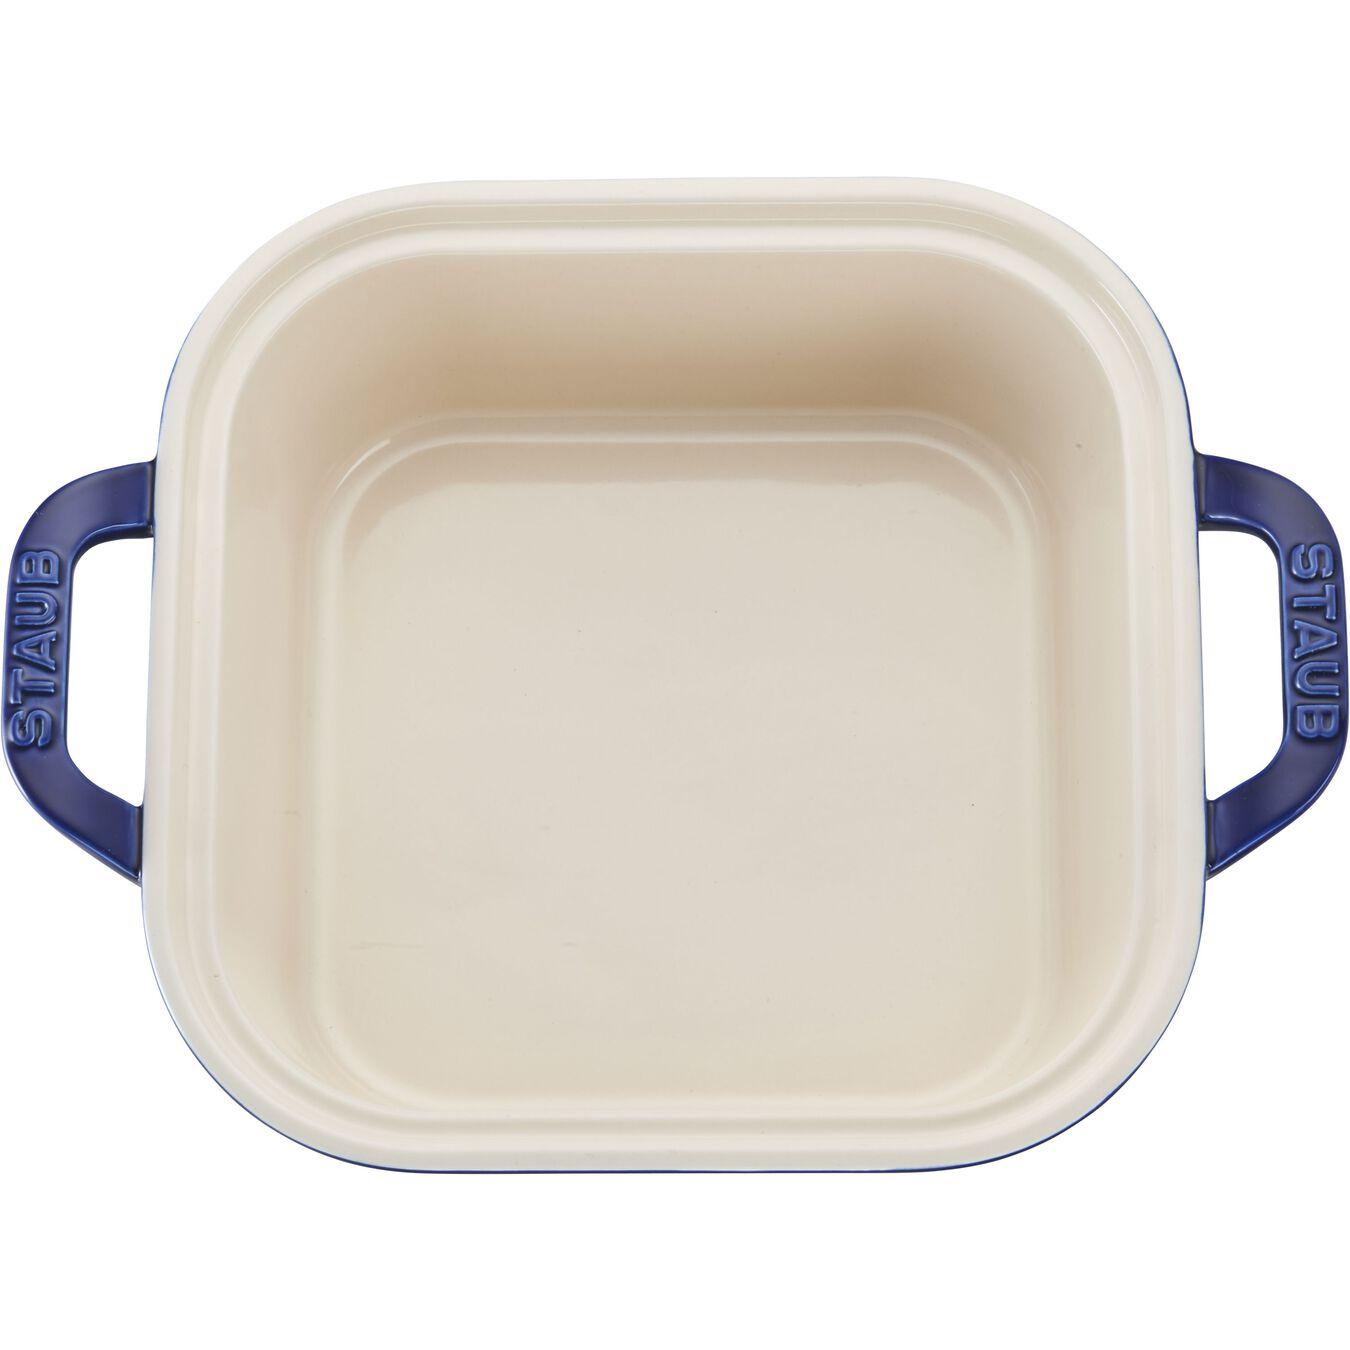 4-pc Baking Dish Set - Dark Blue,,large 6